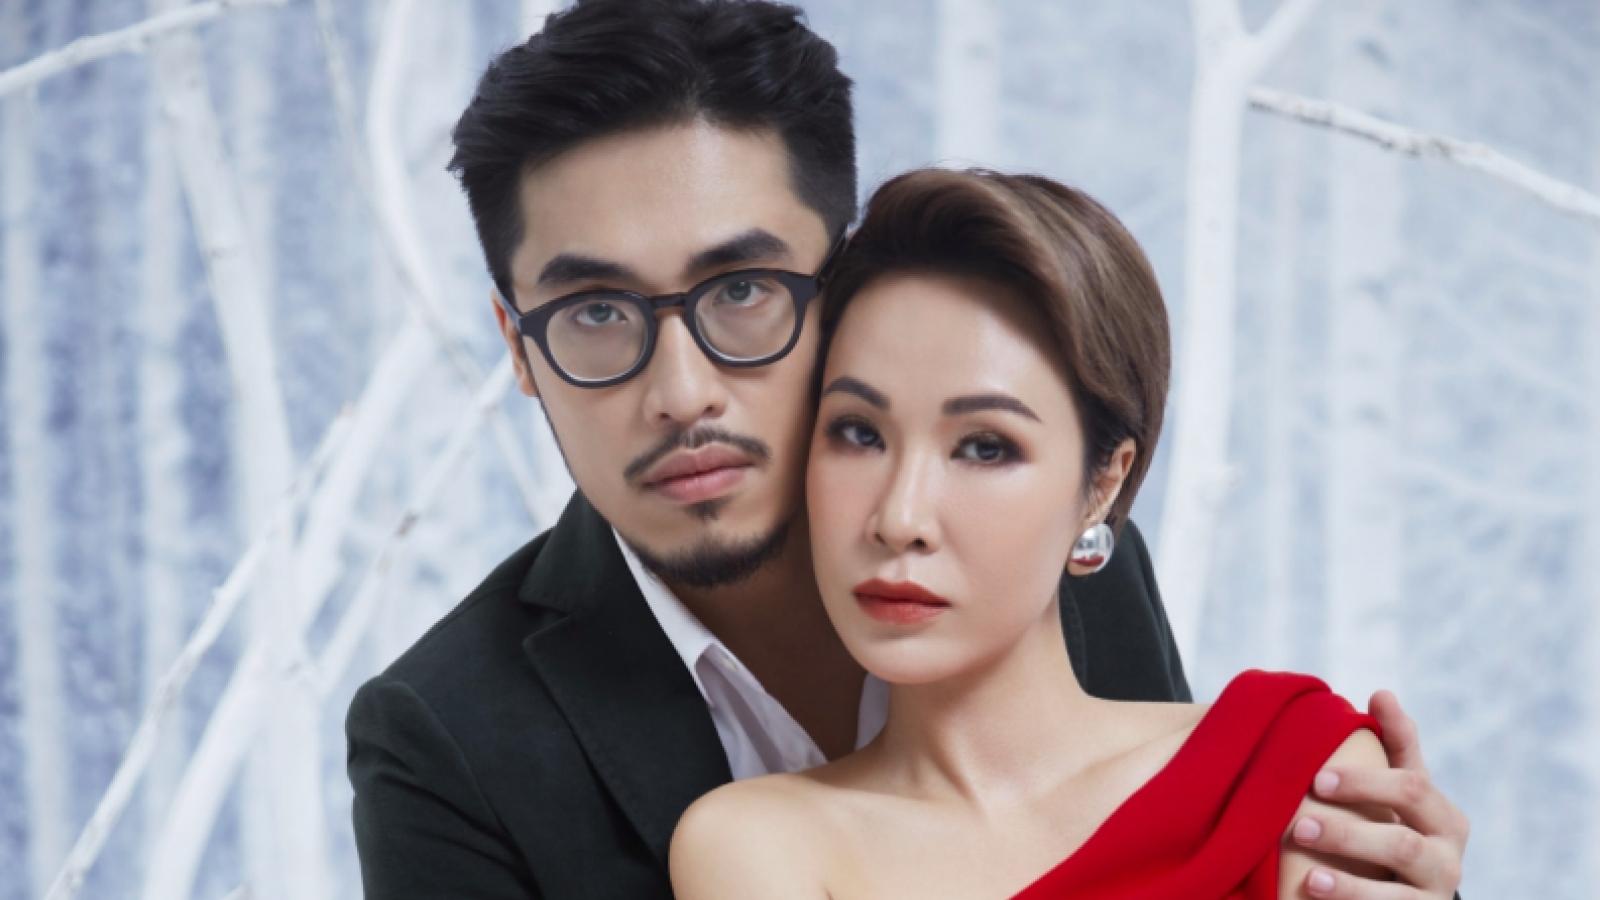 """Uyên Linh bất ngờ kết hợp cùng Vũ trong """"Mùa đông chưa bao giờ tới"""""""